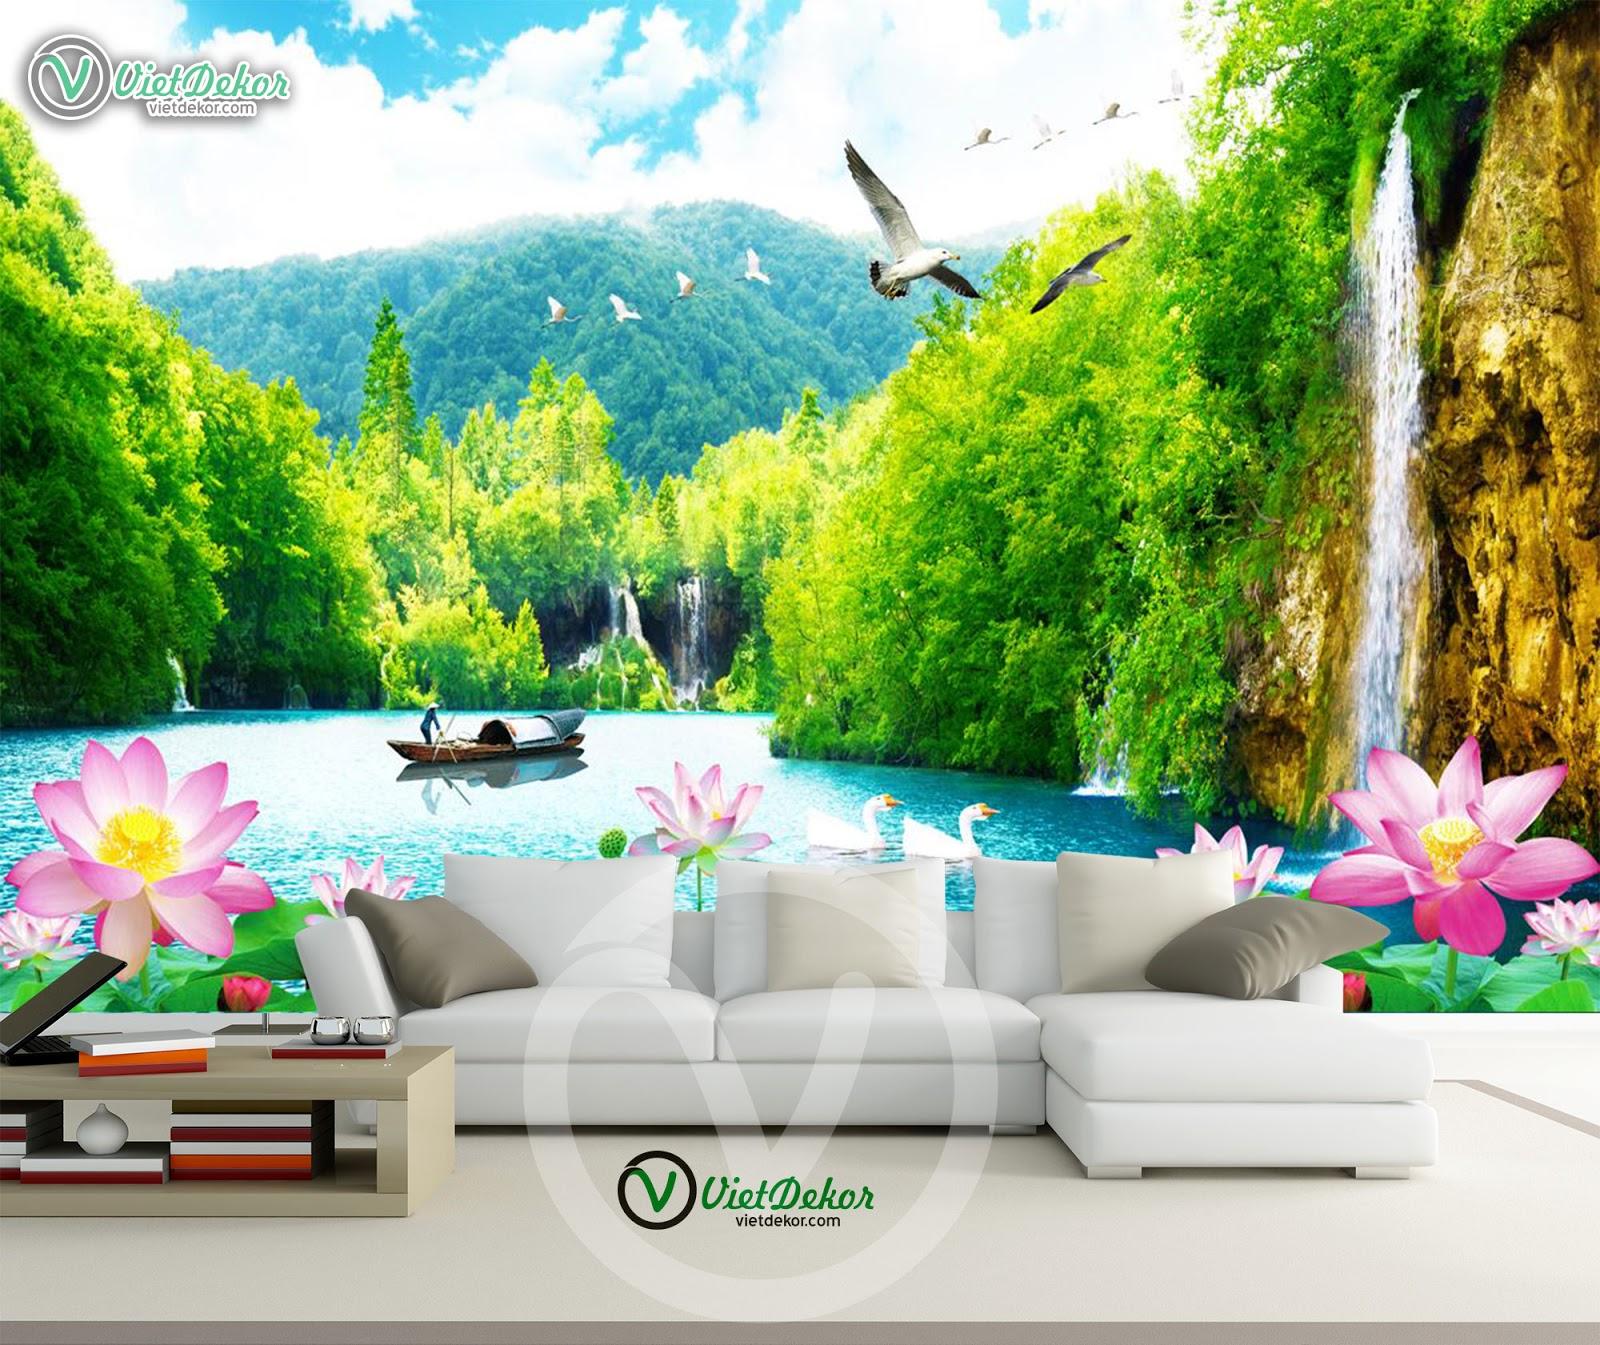 Tranh dán tường phong cảnh mây núi rừng sông nước cho phòng khách